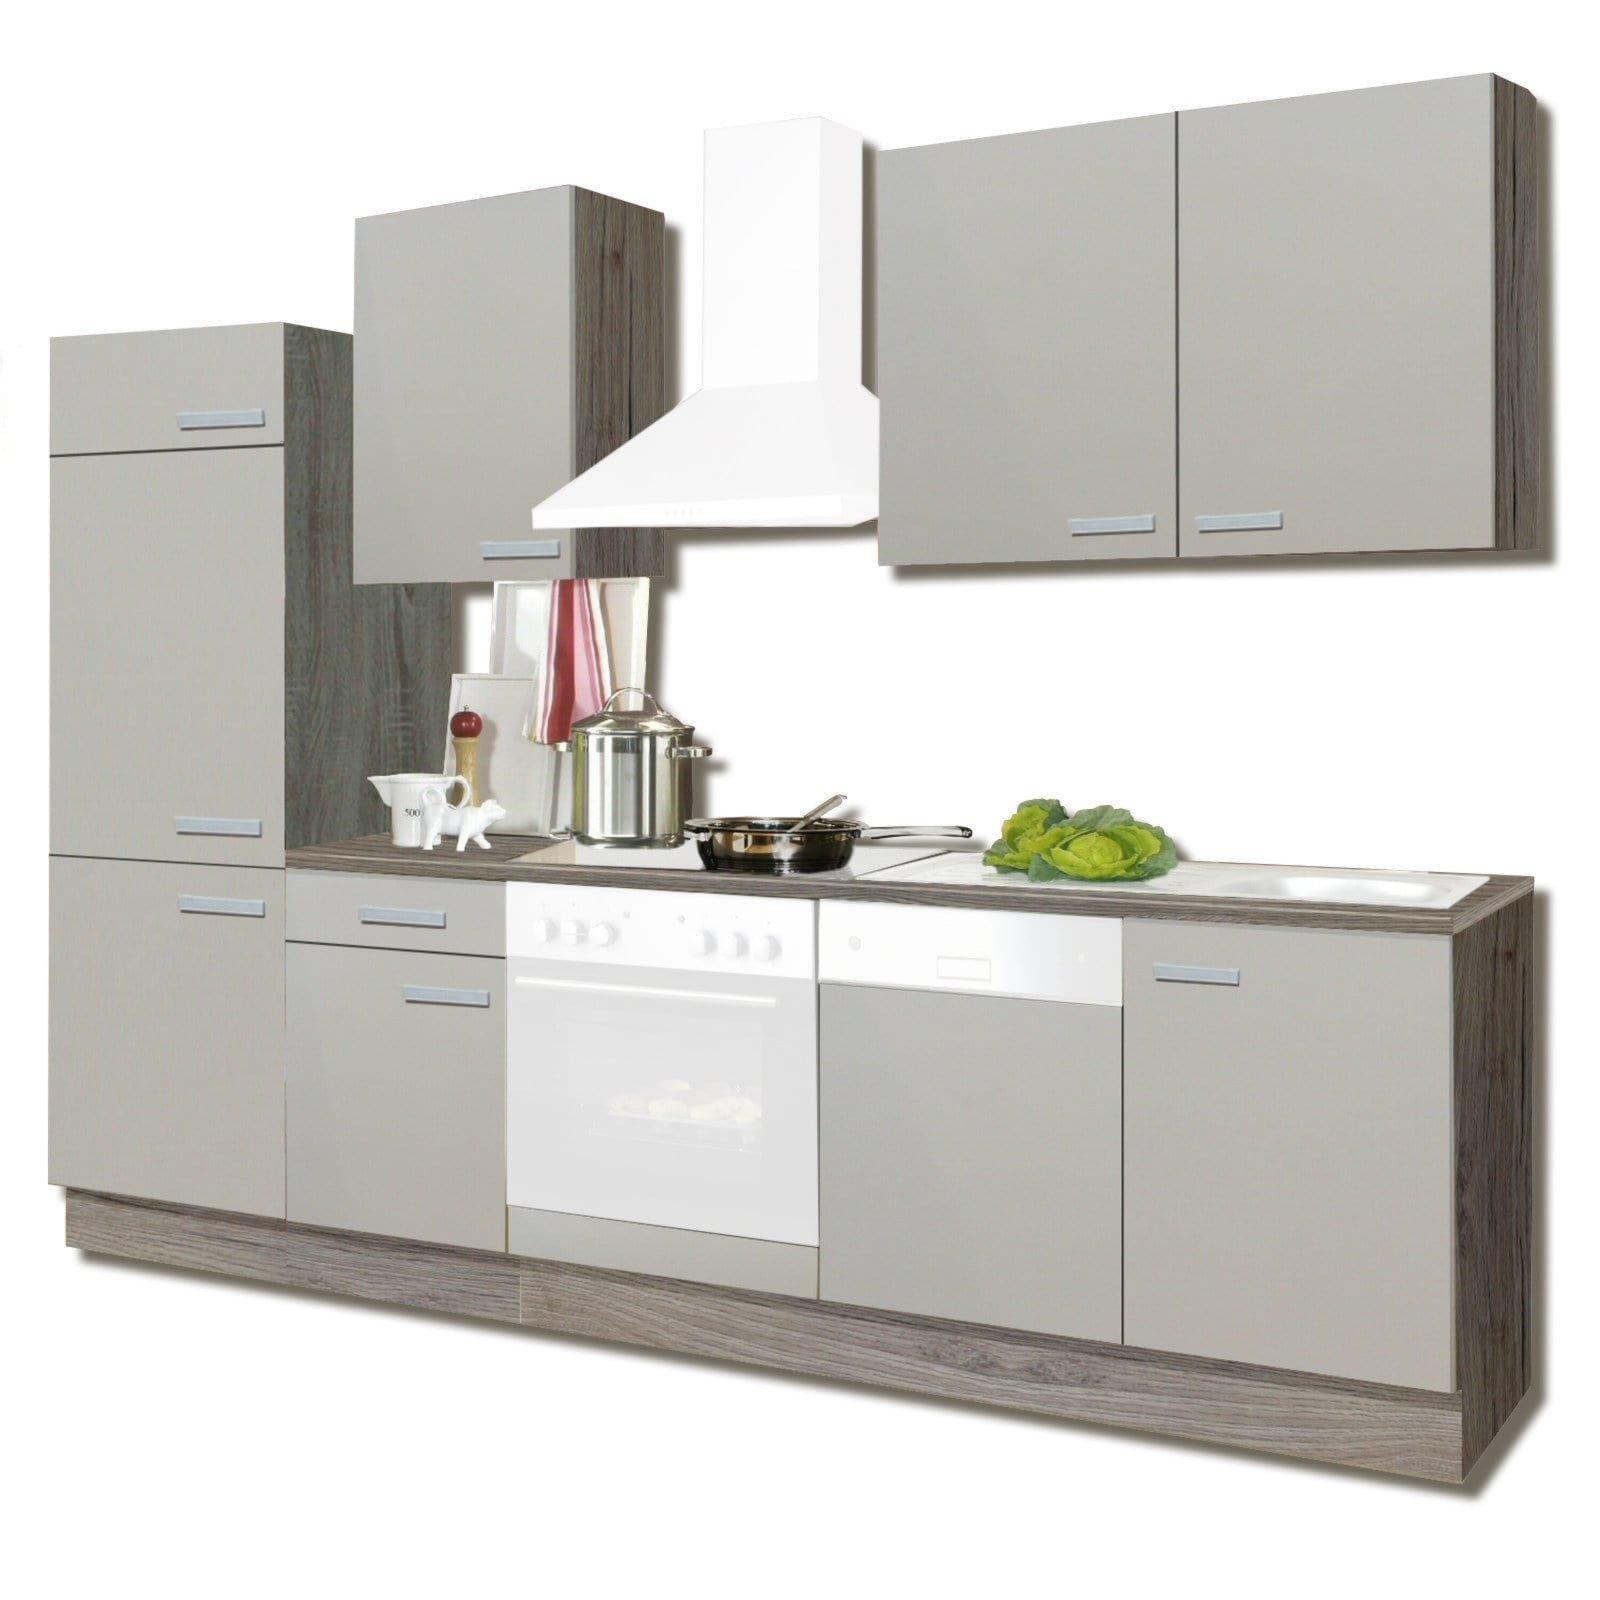 Küchenzeile & Küchenblock mit und ohne E-Geräte - günstig online ...